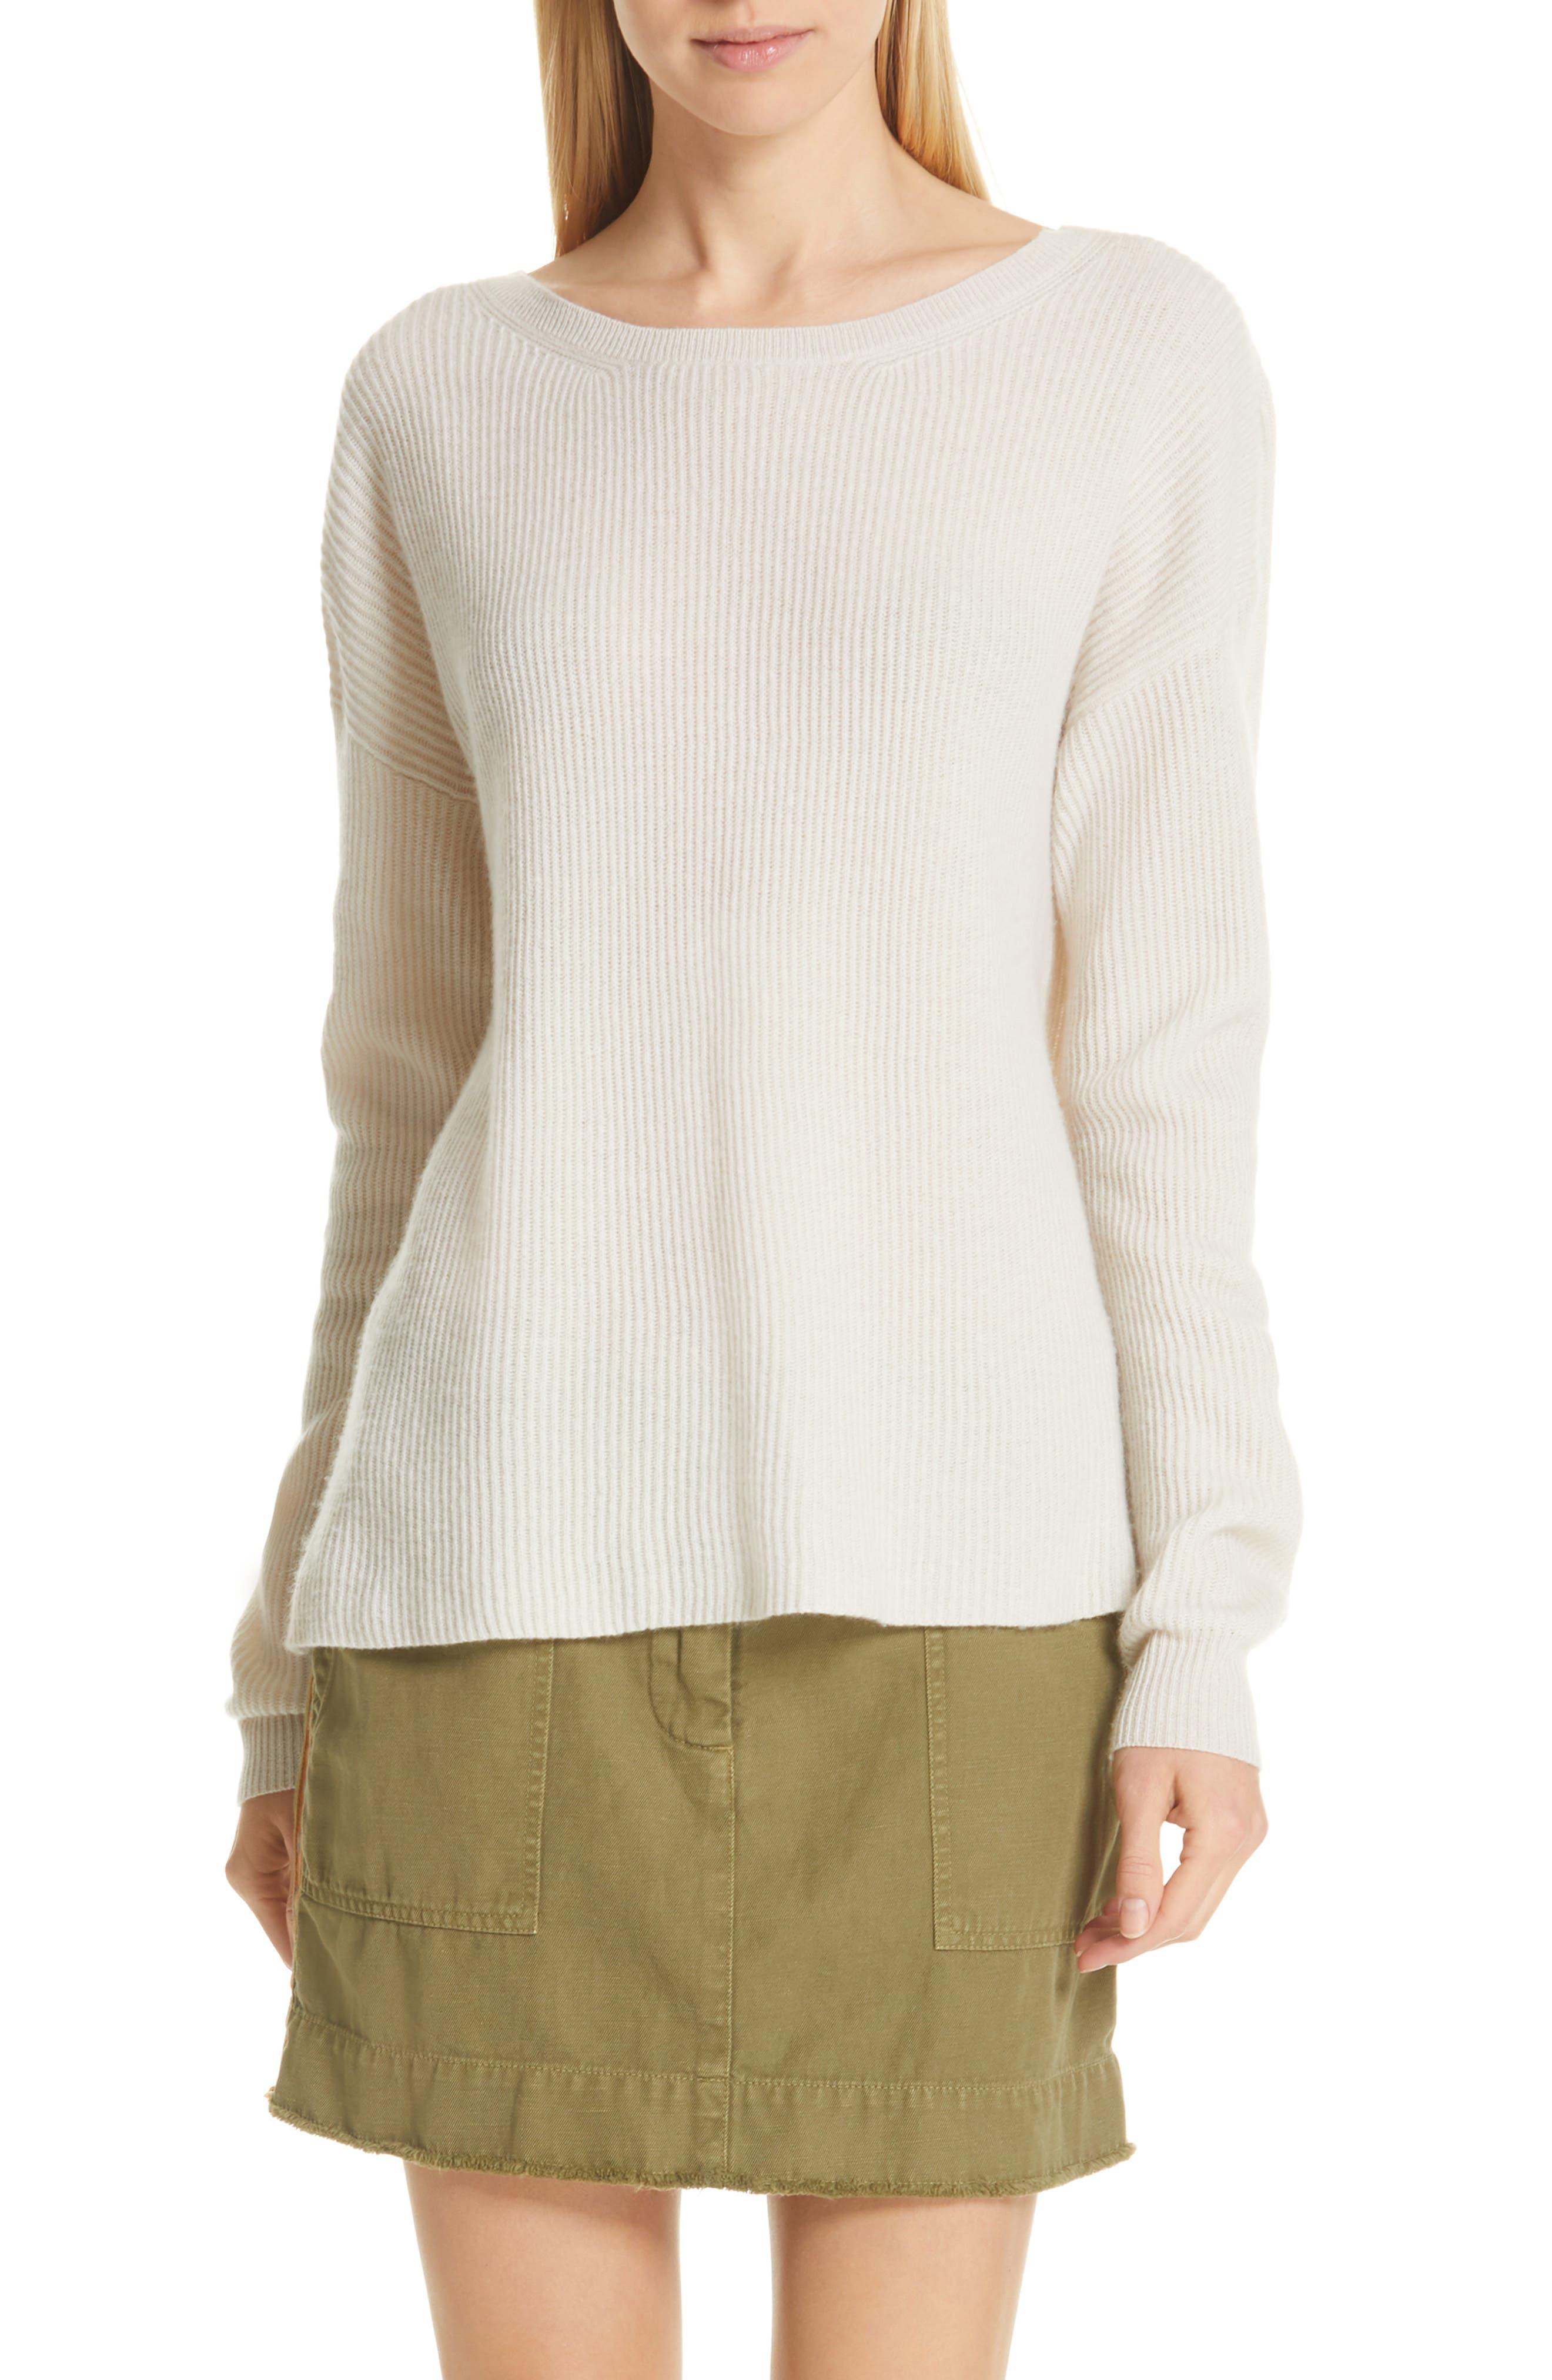 NILI LOTAN, Hadis Cashmere Sweater, Main thumbnail 1, color, IVORY